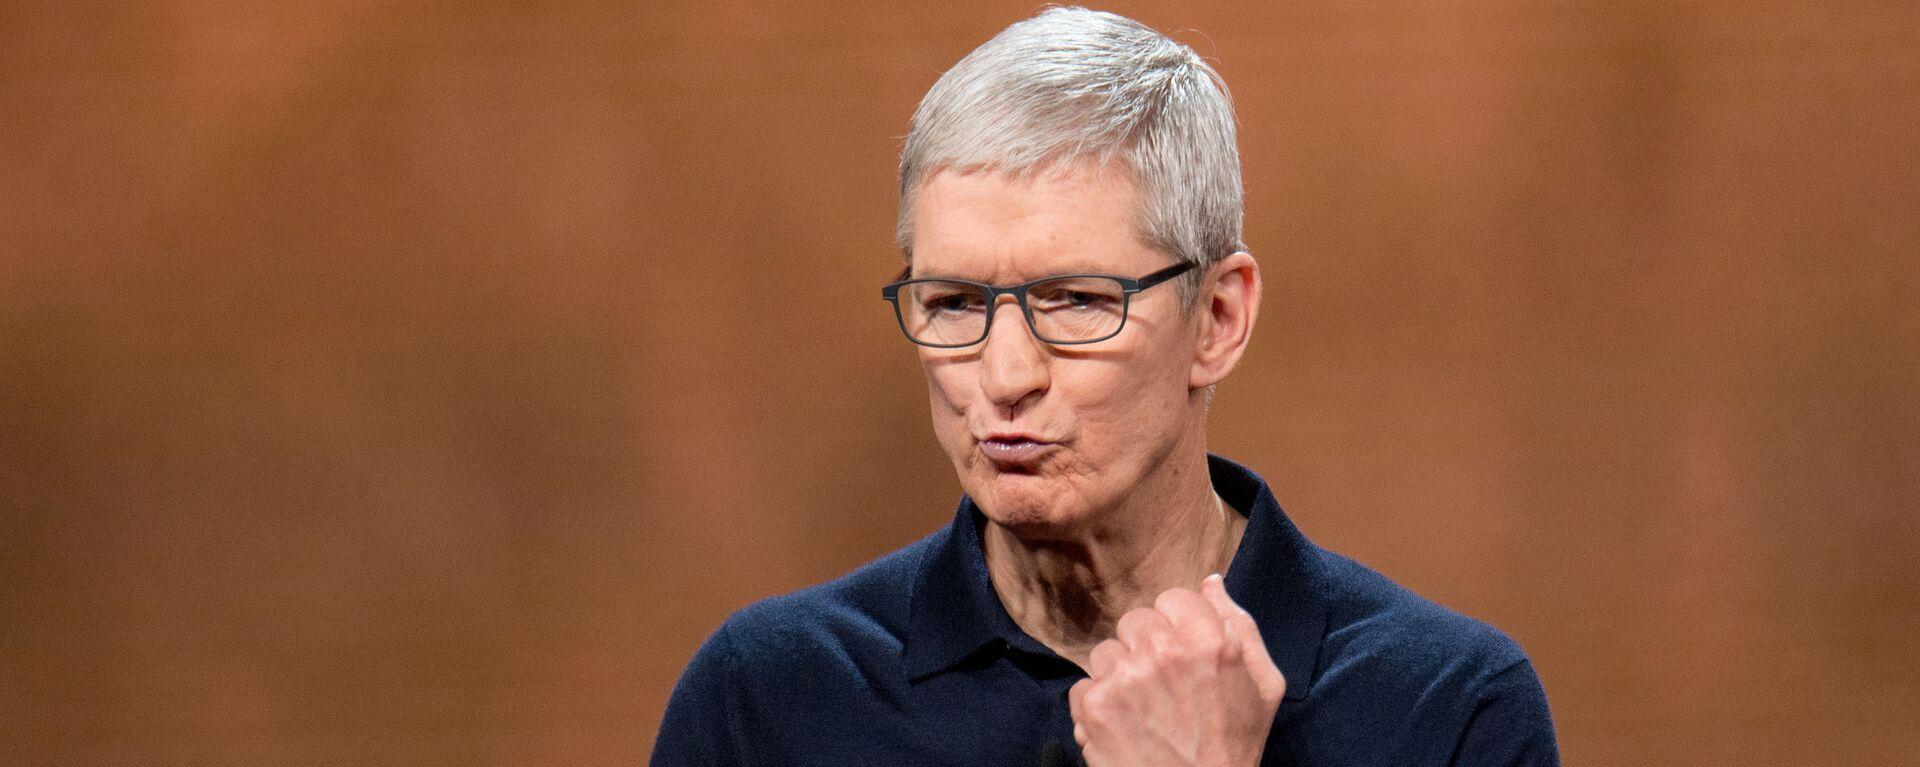 CEO Tim Cook của Apple - Sputnik Việt Nam, 1920, 21.09.2021